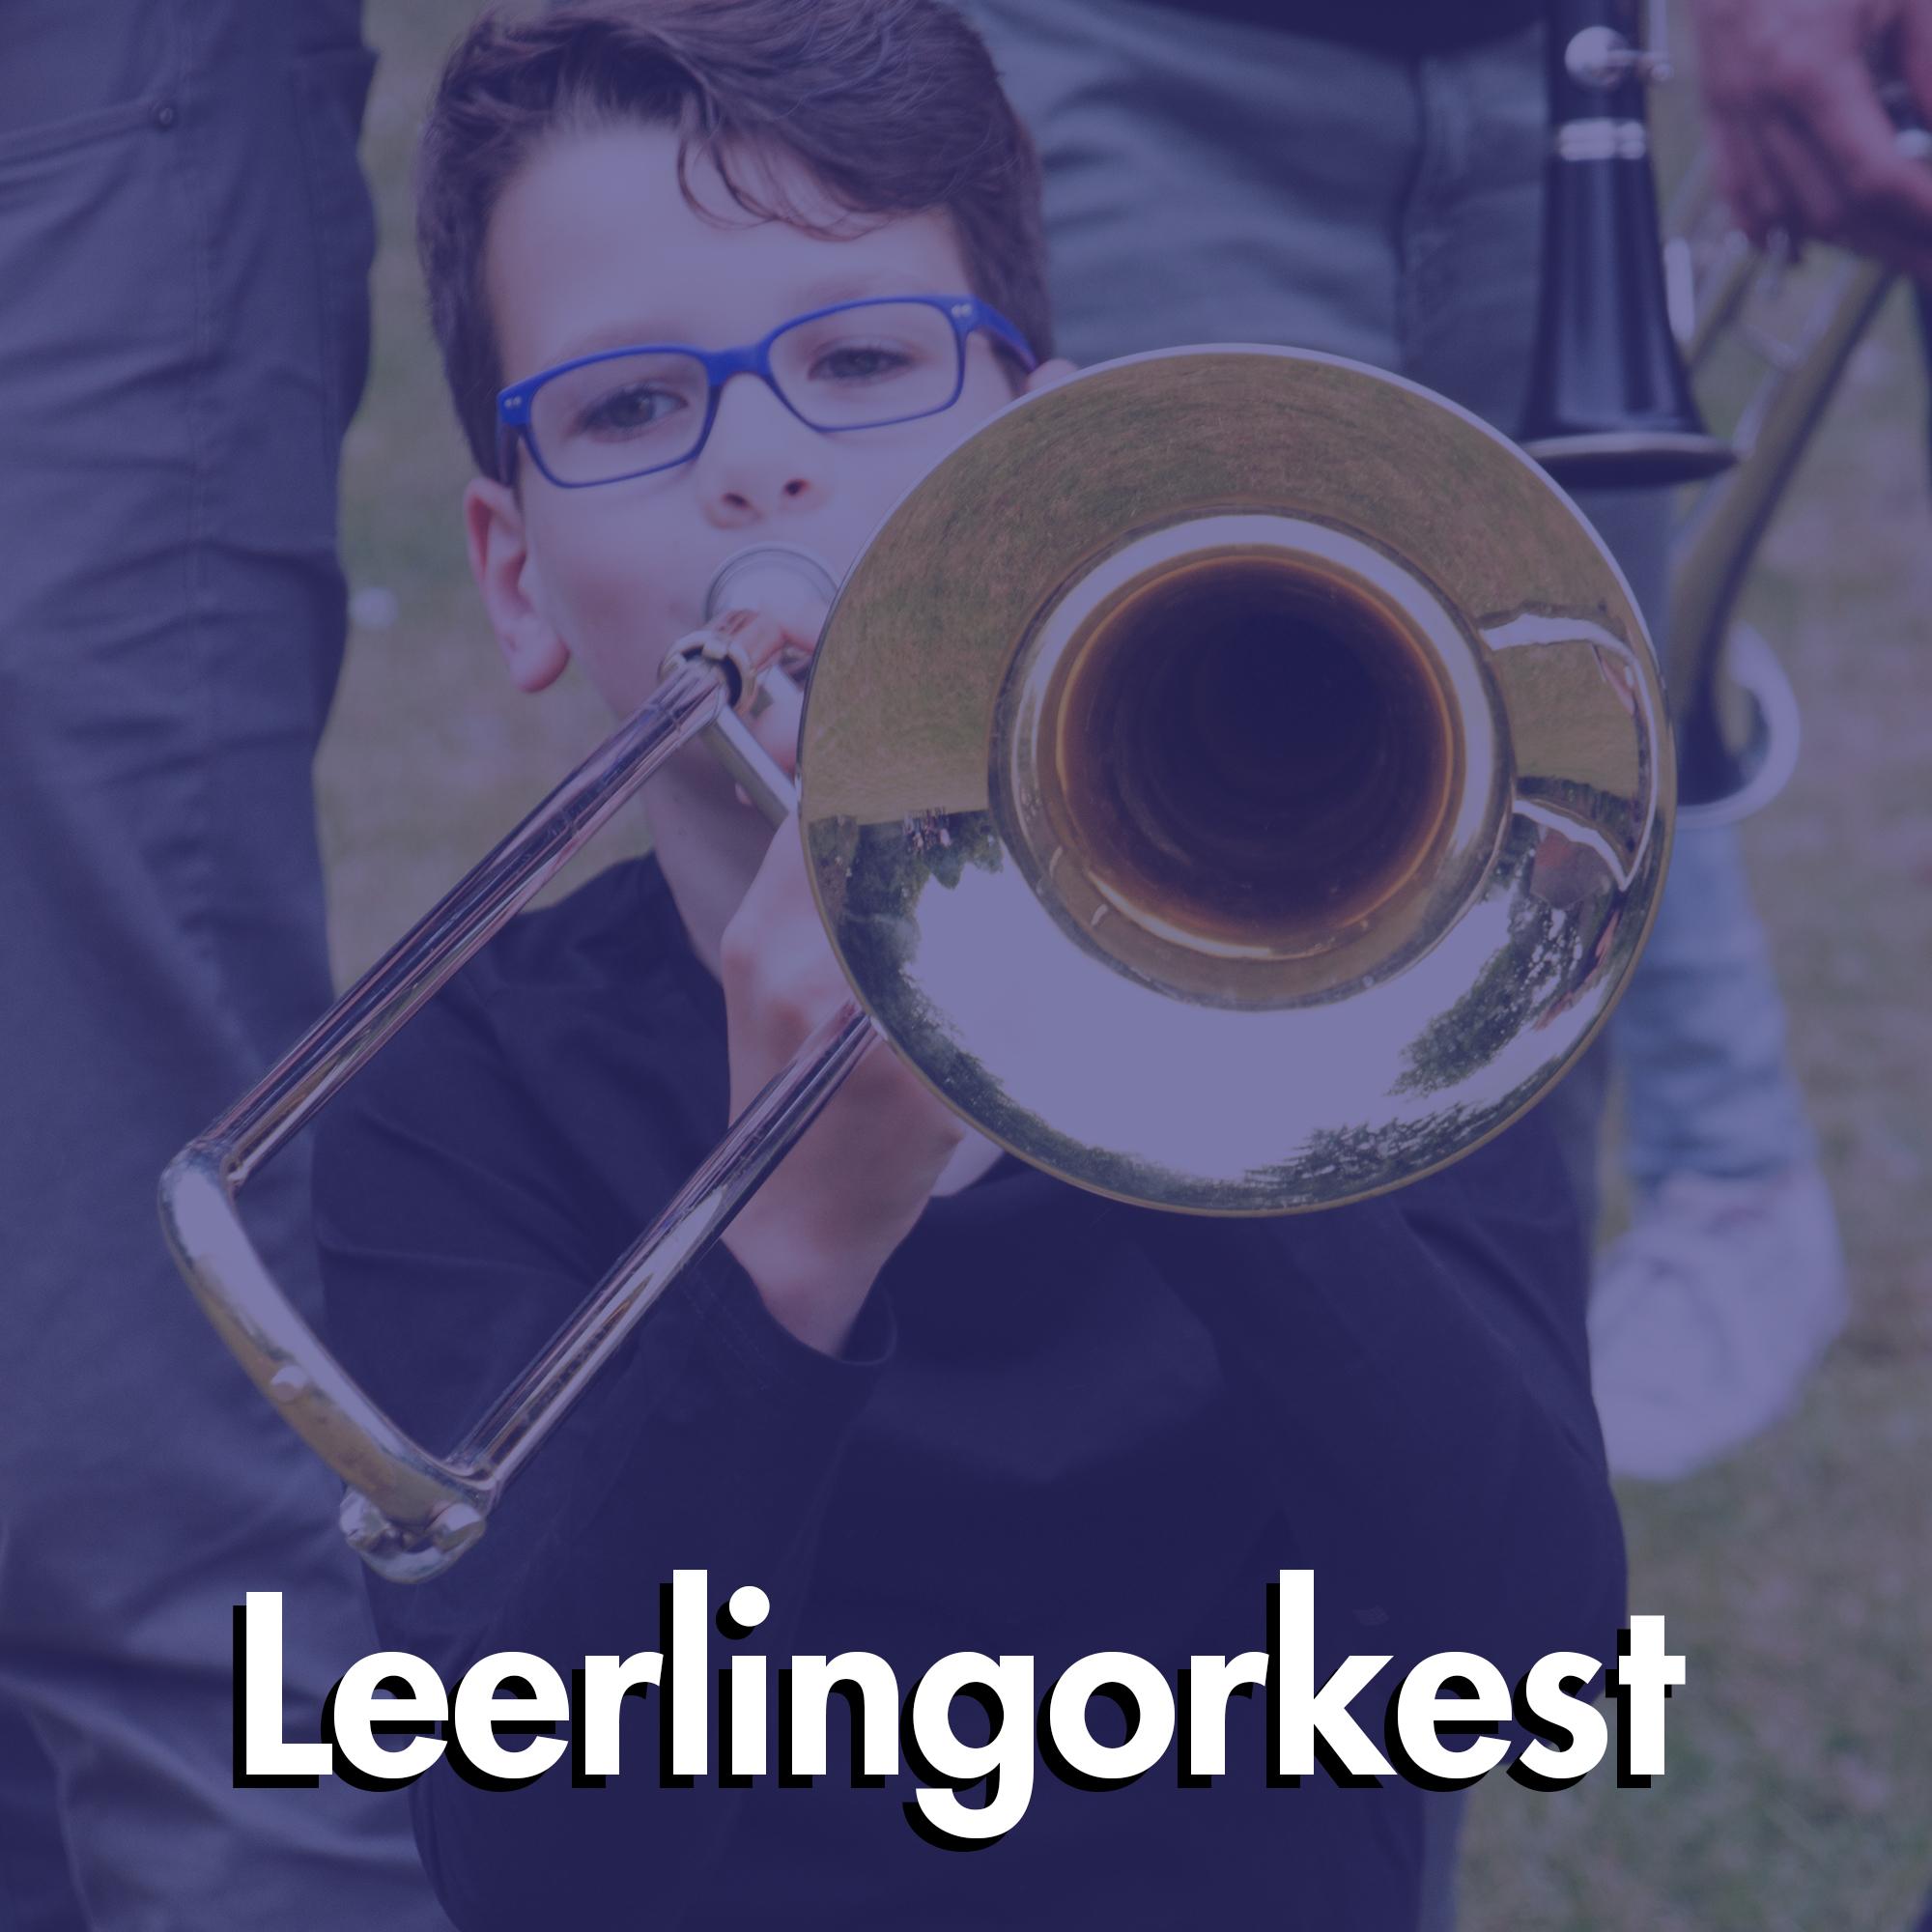 li_leerlingenorkest